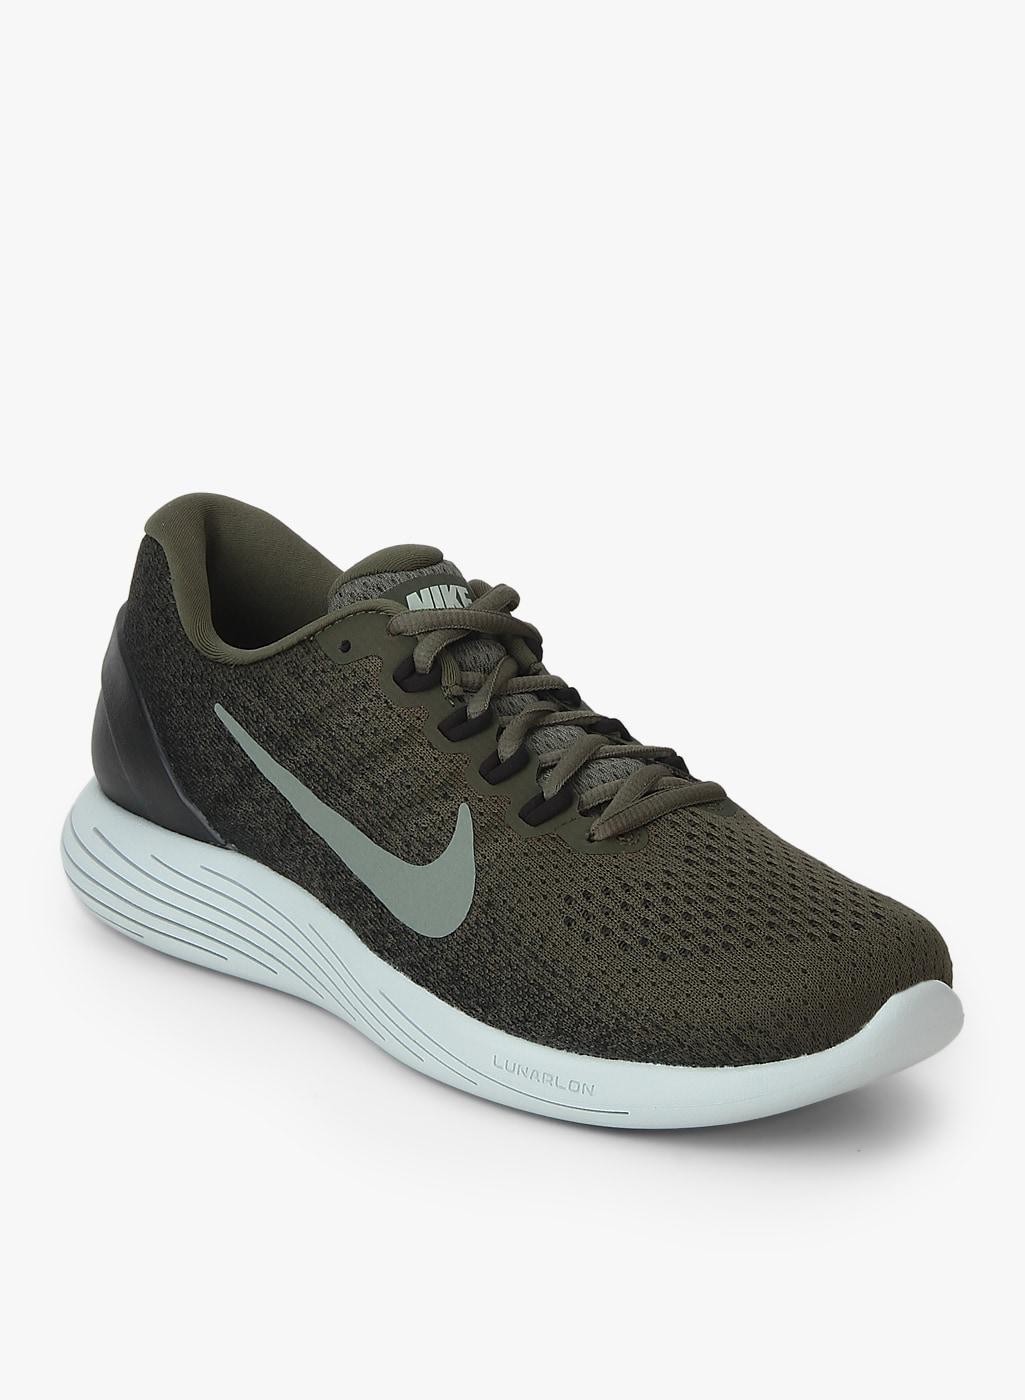 Nike Running Shoes - Buy Nike Running Shoes Online  cf089da9b